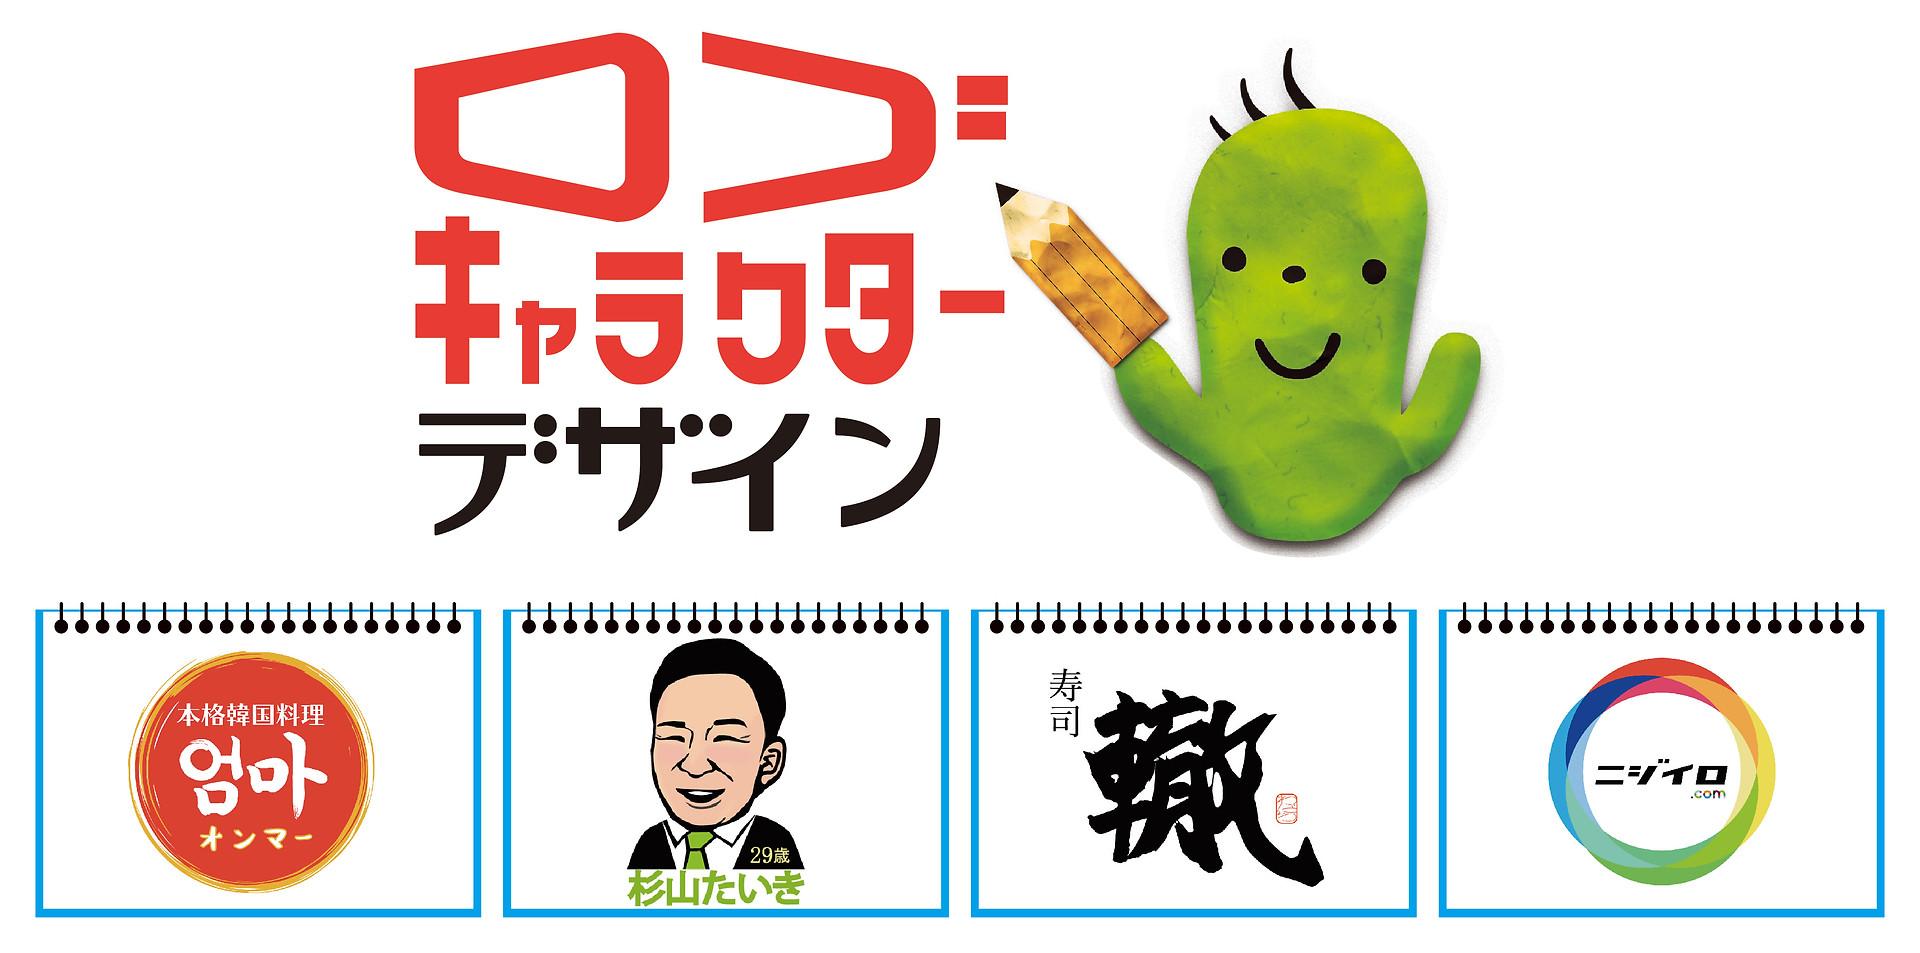 稲沢 愛知 サボイア savoia デザイン ロゴ ロゴマーク 看板